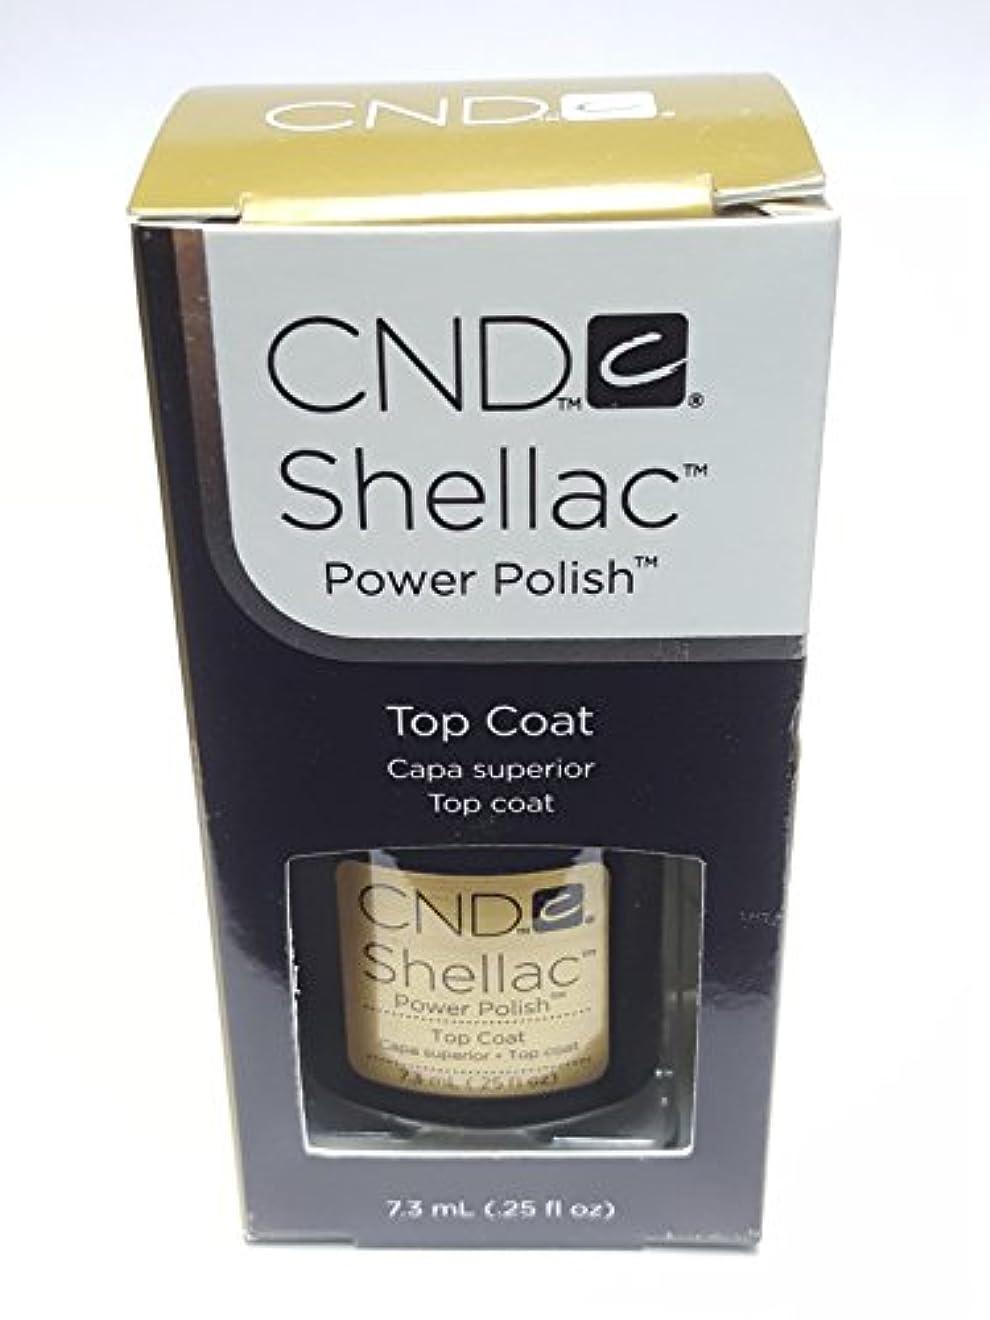 合成ヘルシーうがい薬CND シーエヌディー shellac シェラック パワーポリッシュ UVトップコート 7.3ml 炭酸泉タブレット1個付き